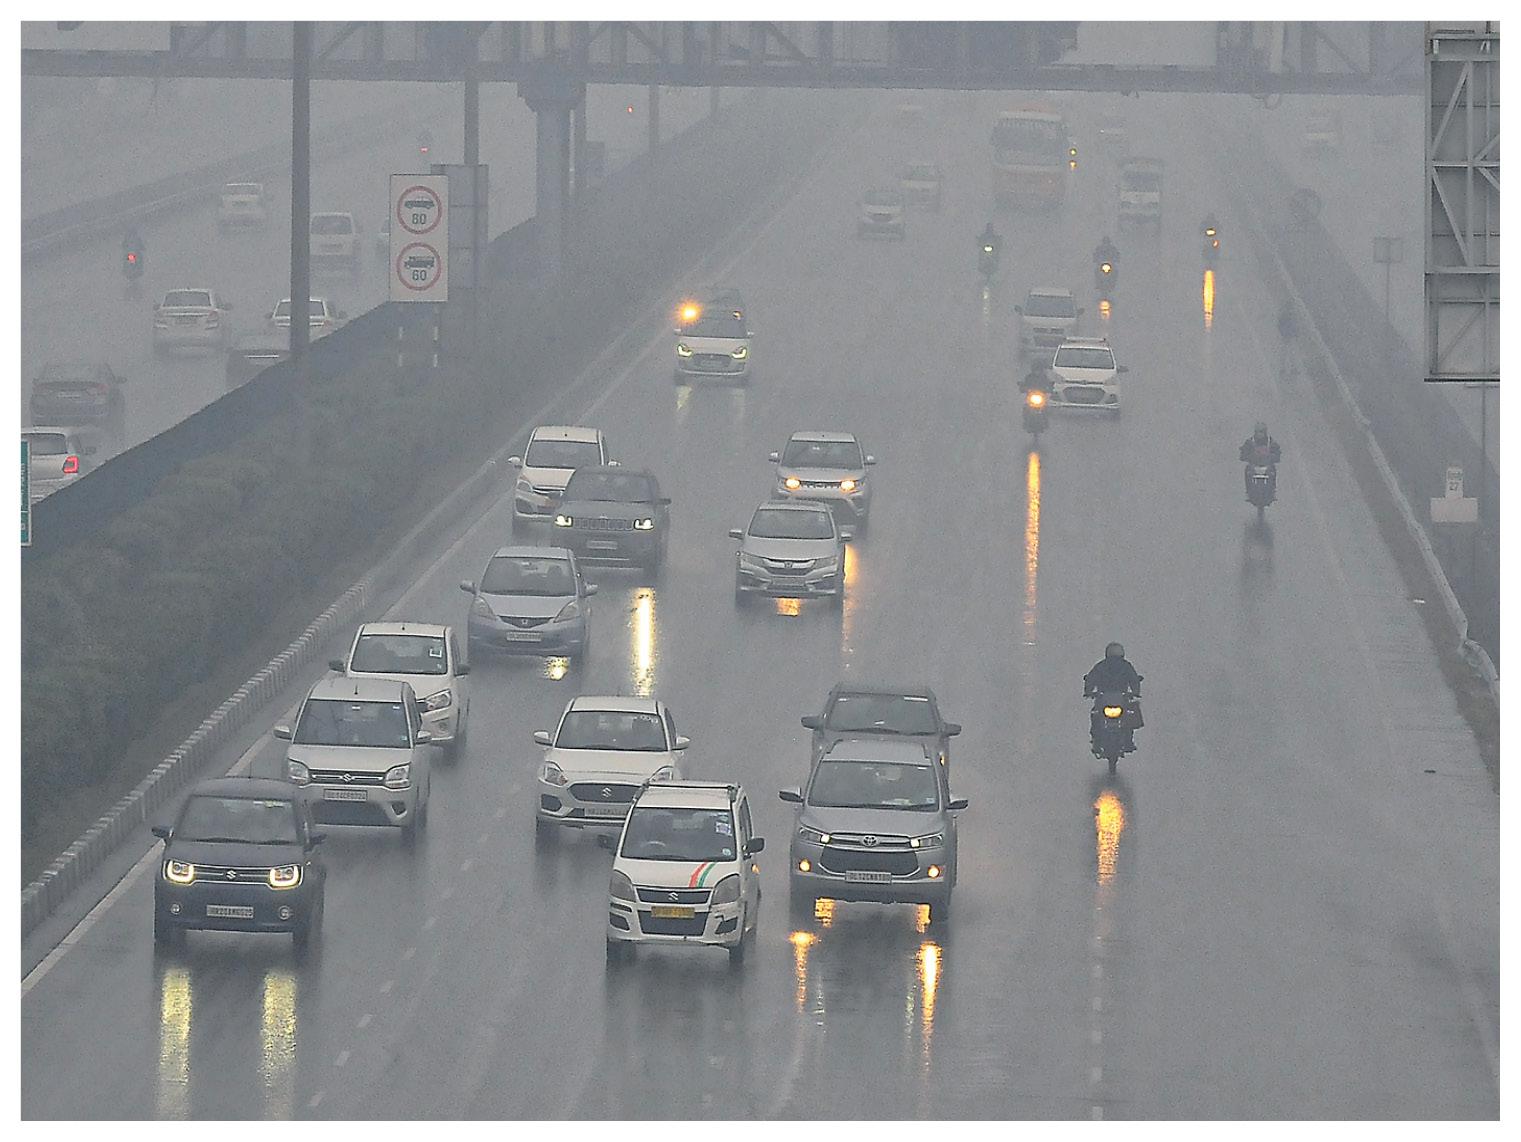 गुरुग्राम में बारिश के बाद धुंध छाने से वाहन चालकों को दिन में लाइट जलानी पड़ी।